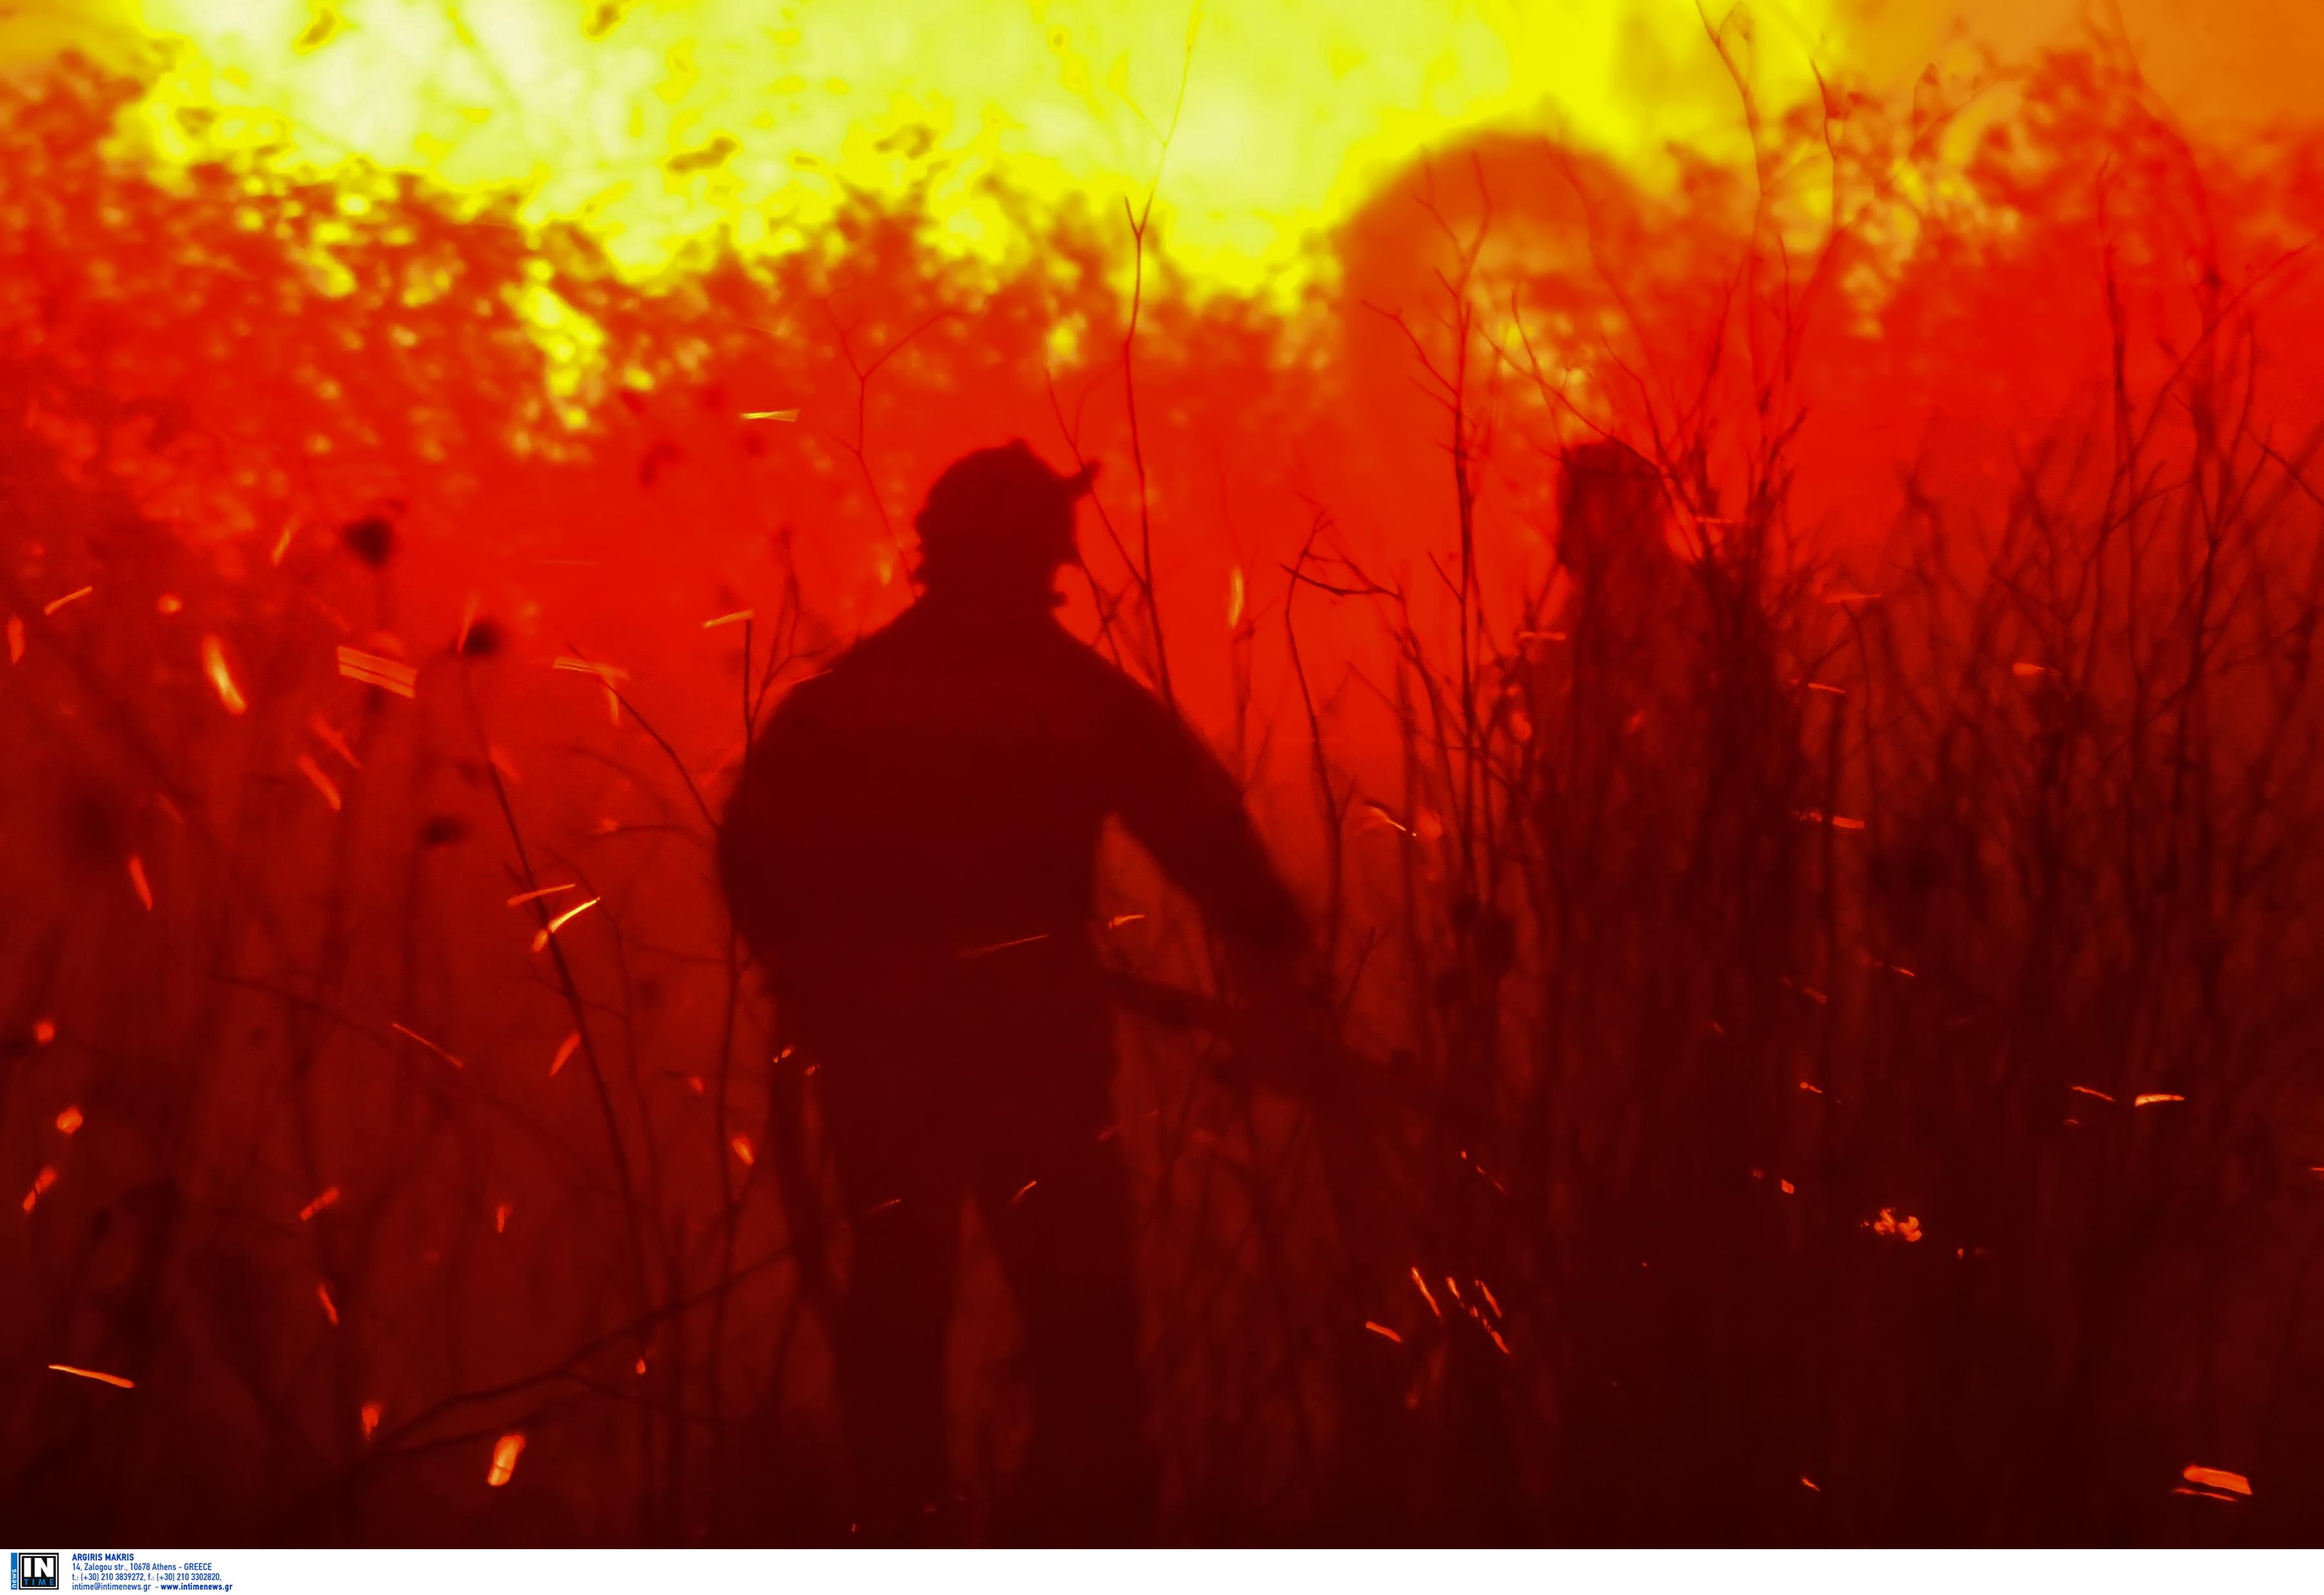 Μεγάλη φωτιά στην Αργολίδα! Δύσκολη νύχτα στους Μύλους για κατοίκους και πυροσβέστες